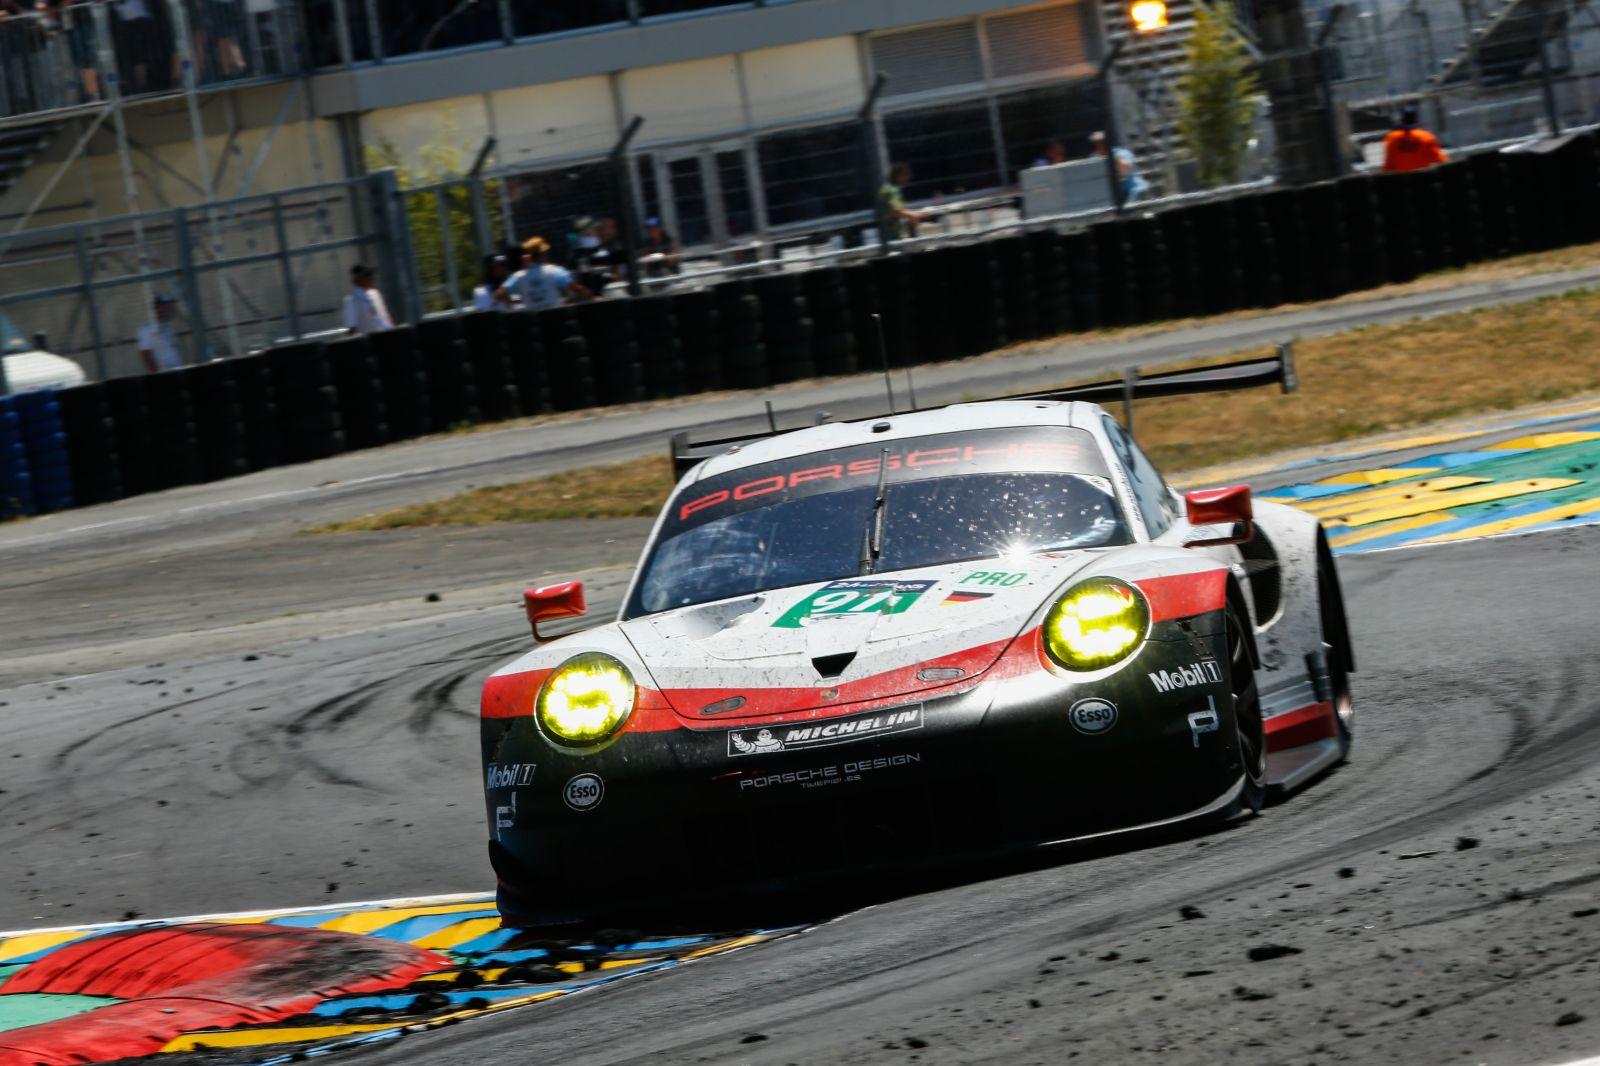 新型911 RSRがル・マンのデビュー戦において 僅差で表彰台を逃す